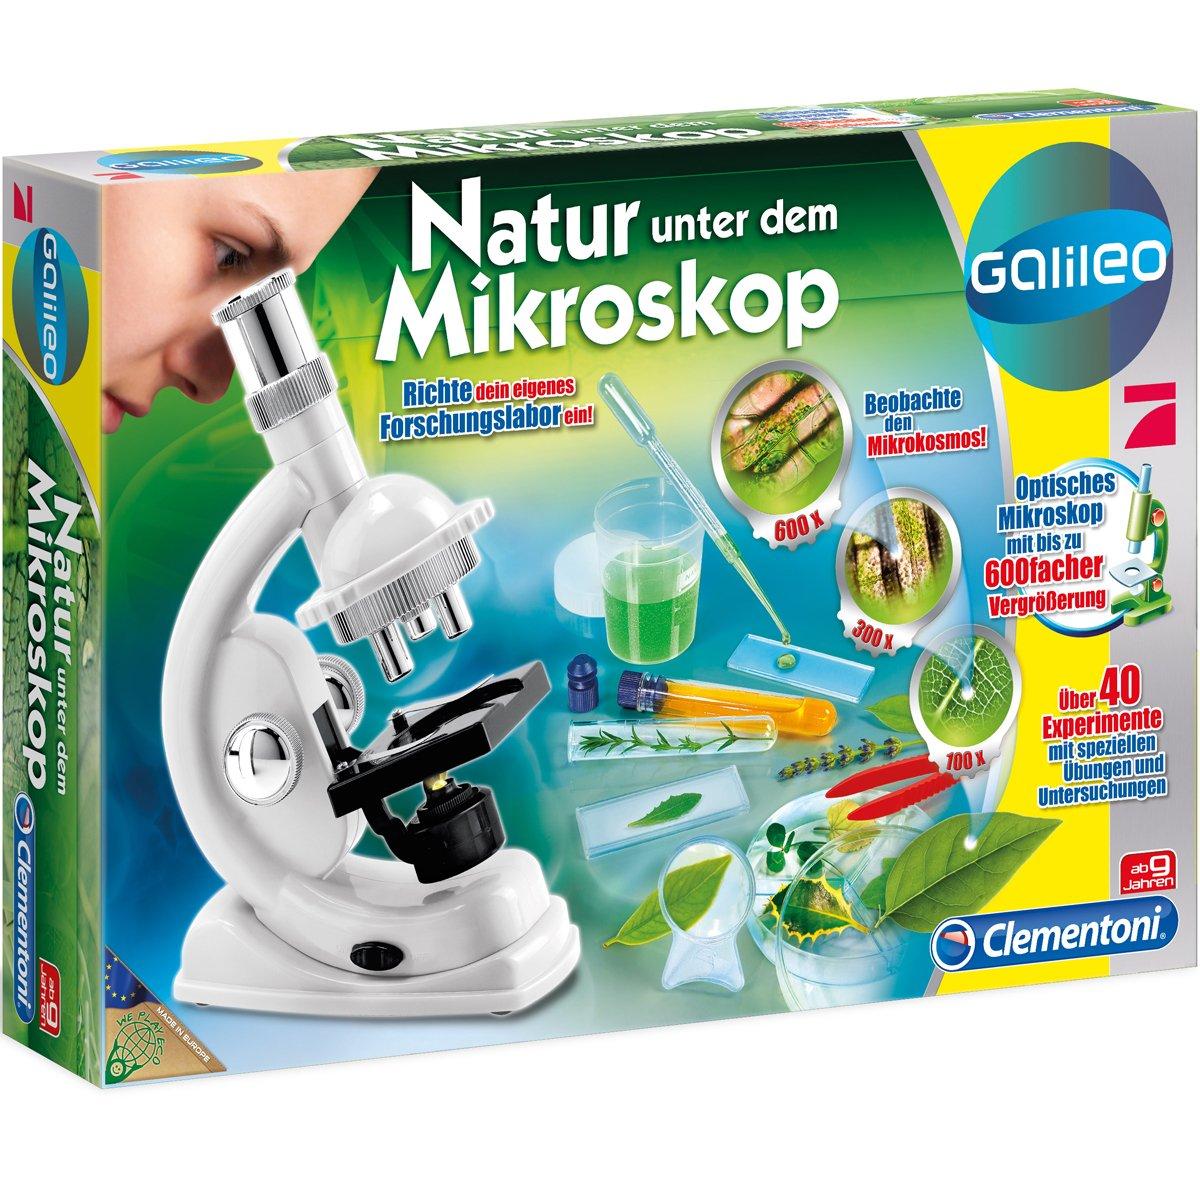 #0618 Galileo Natur unter dem Mikroskop mit 600 facher Vergrößerung für Kinder • Experimentier-Kasten Set H-Collection